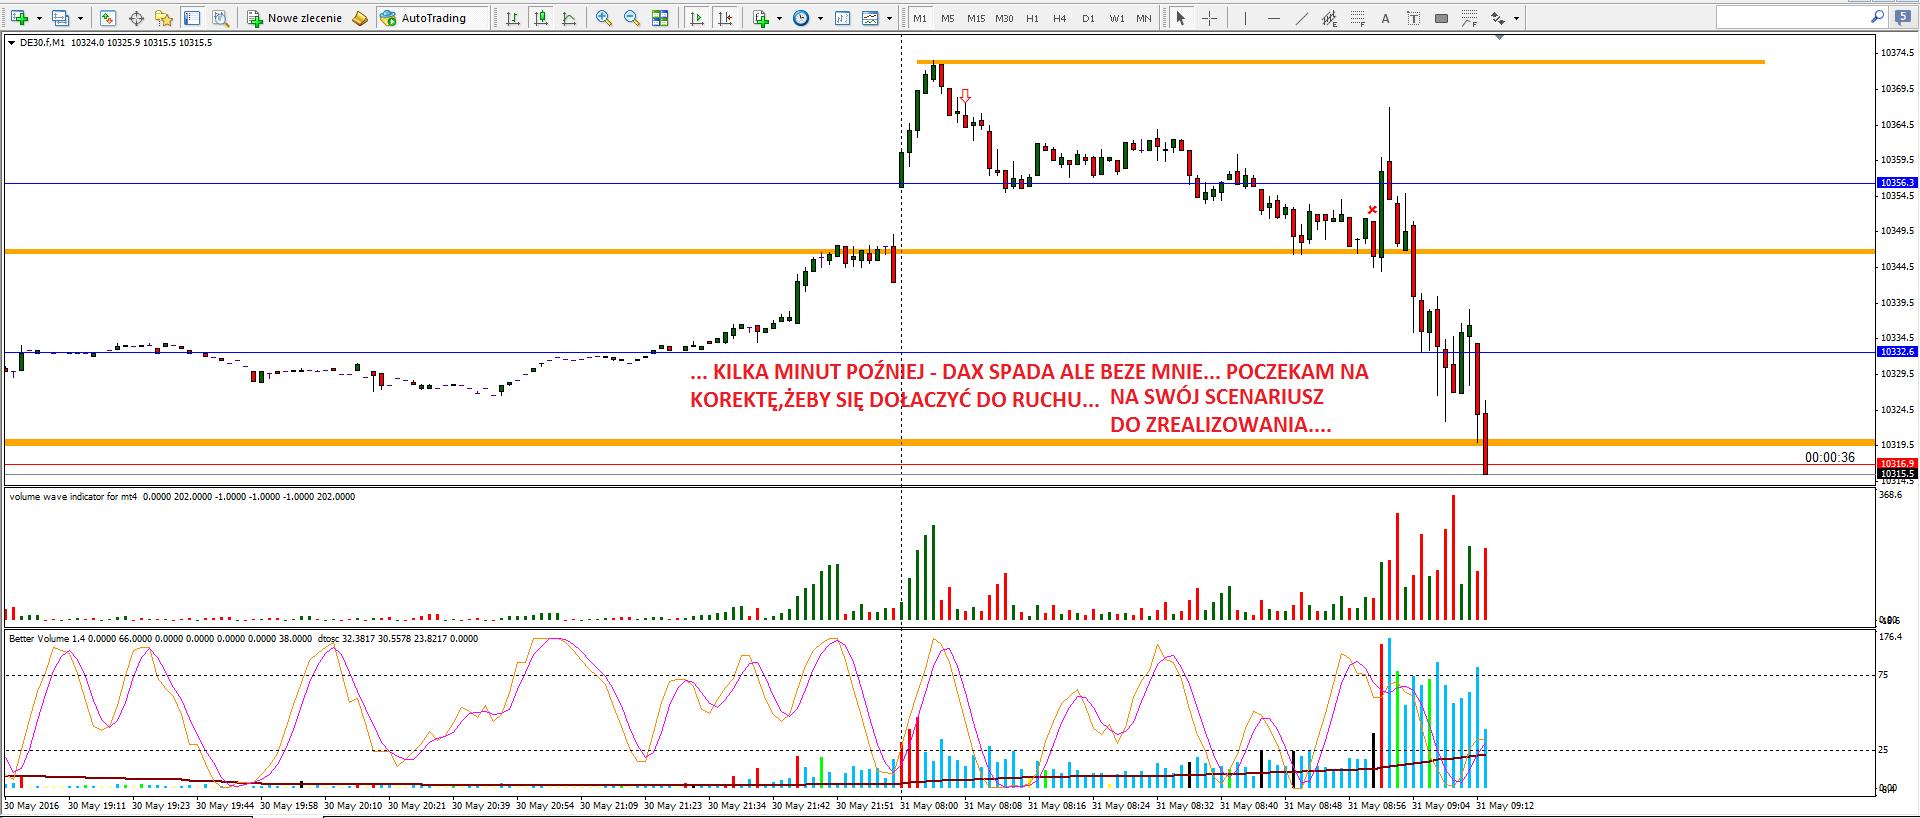 10-renko-scalping na renko-forex-skuteczna strategia-myforex-trader-trading-waluty-dax-prosta strategia tradingowa-broker-sukces-wolumen-vsa-świece japońskie-trading